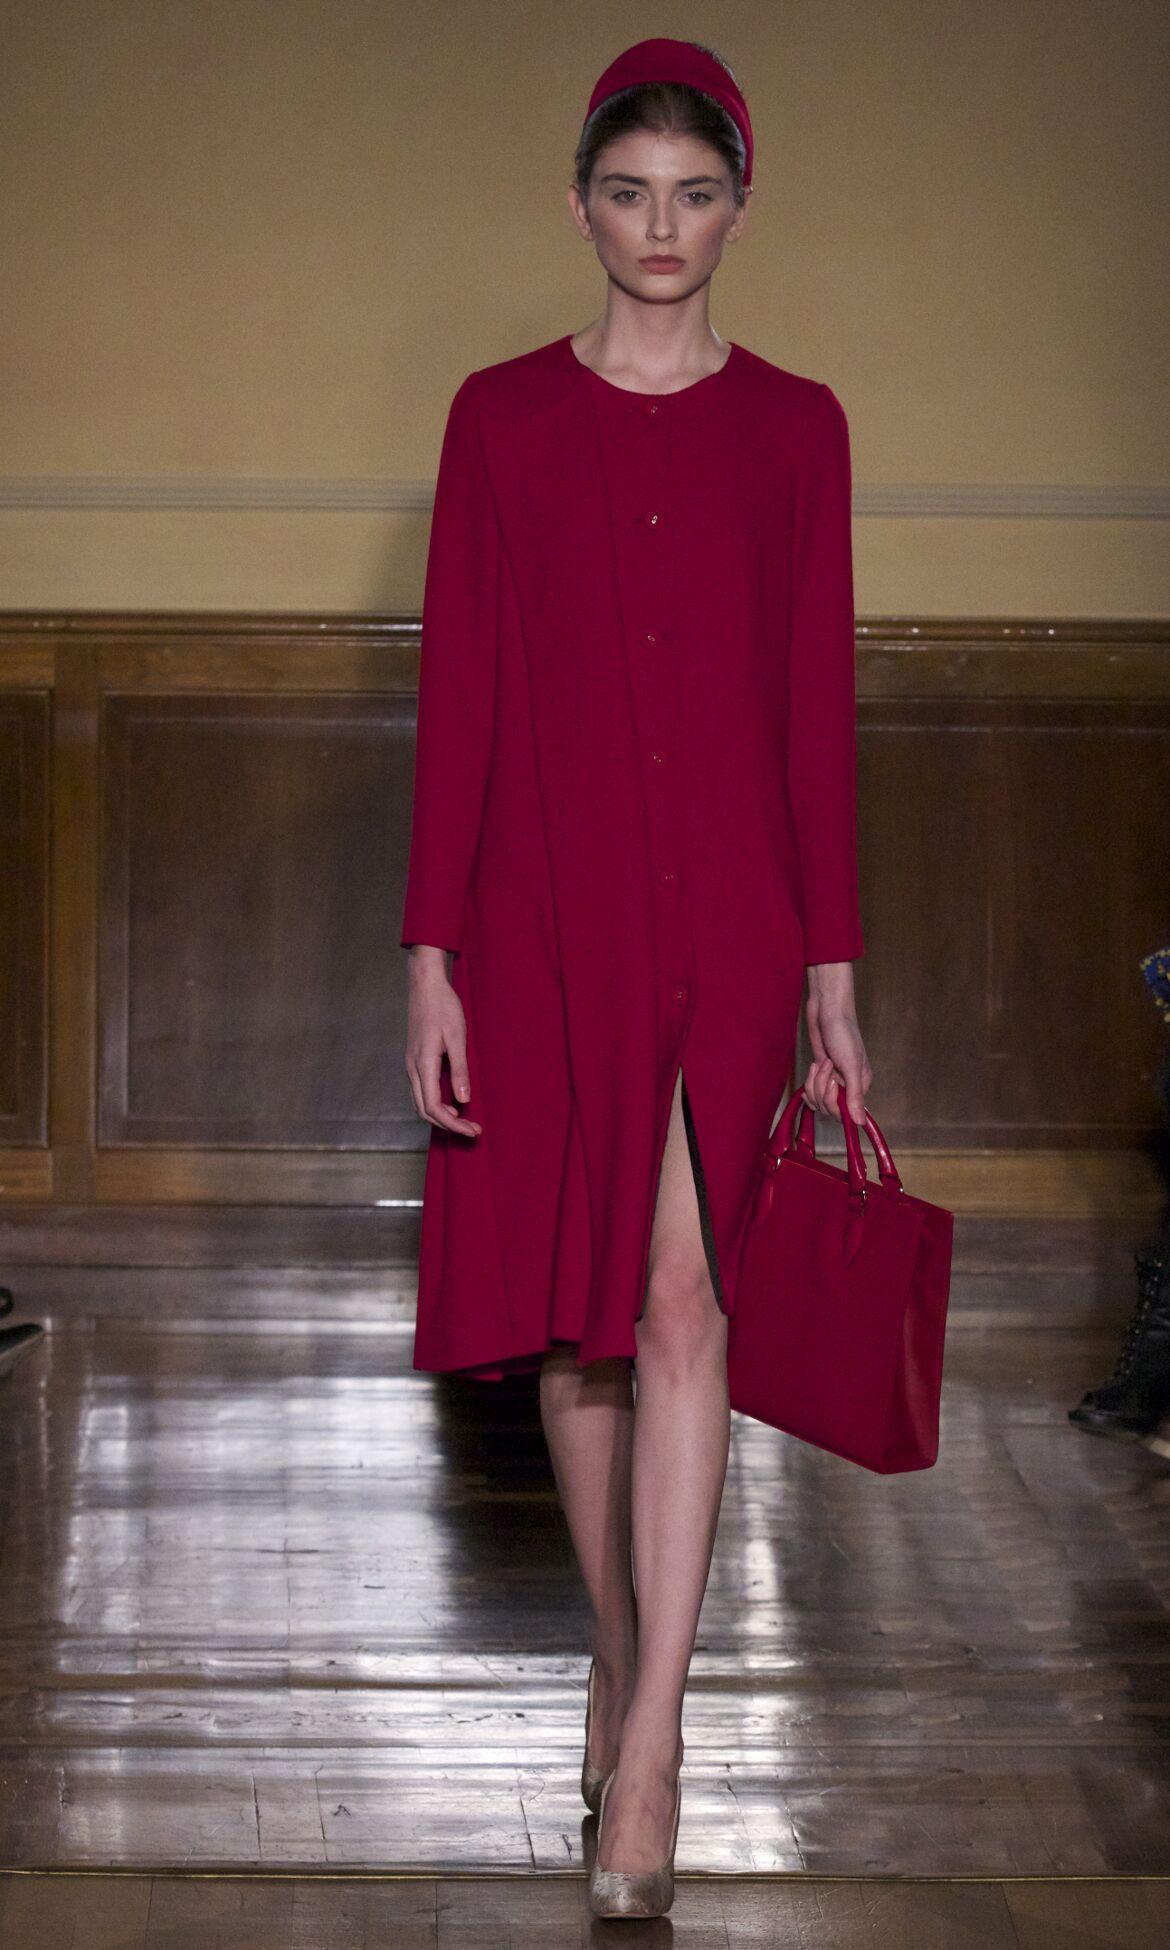 Winter Model Trends 2013 Woman Andrea Incontri